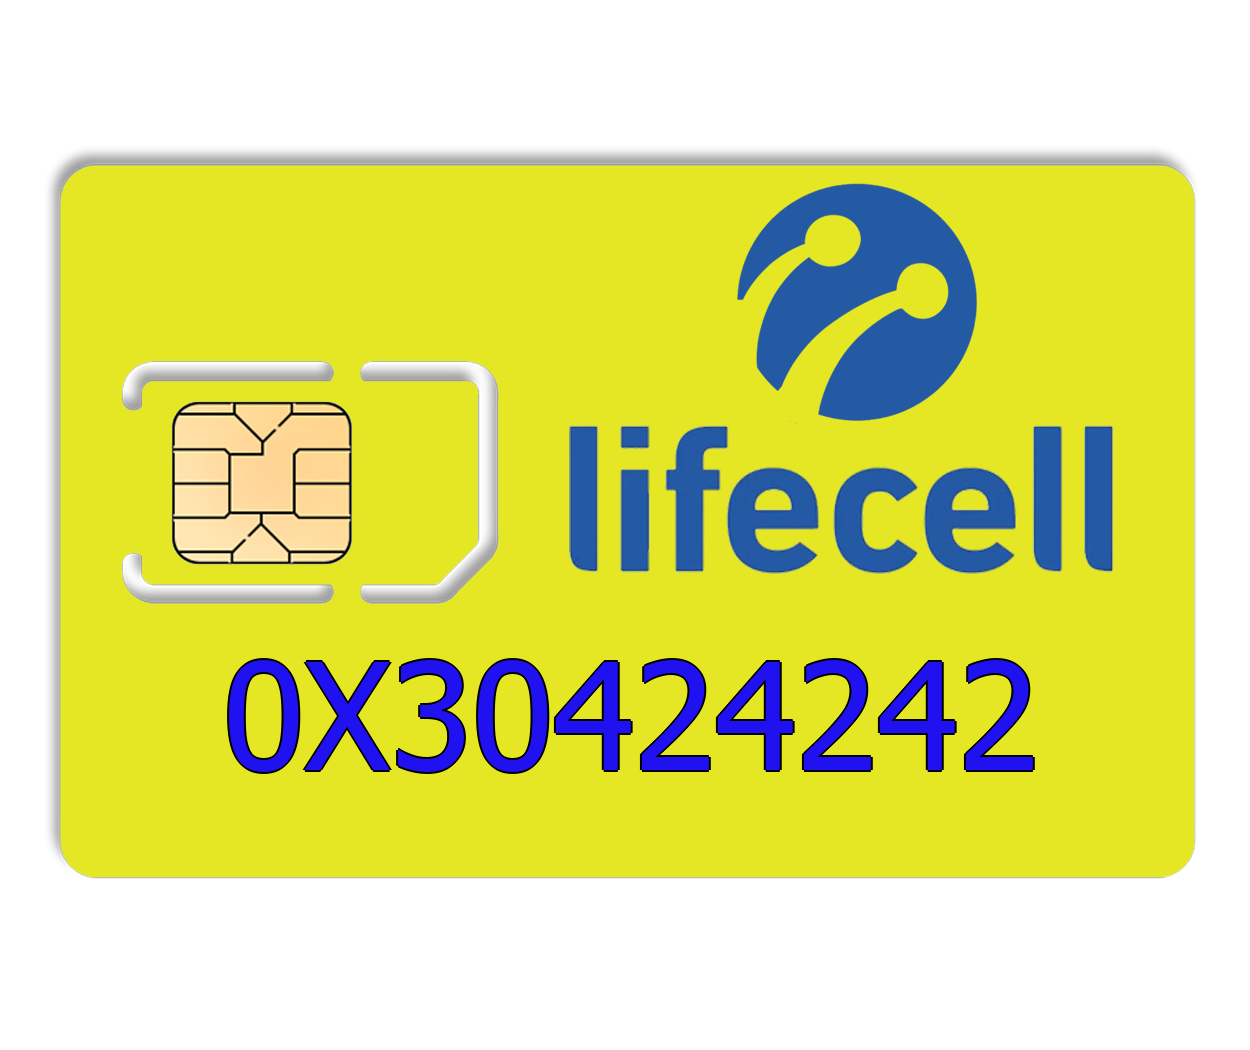 Красивый номер lifecell 0X30424242